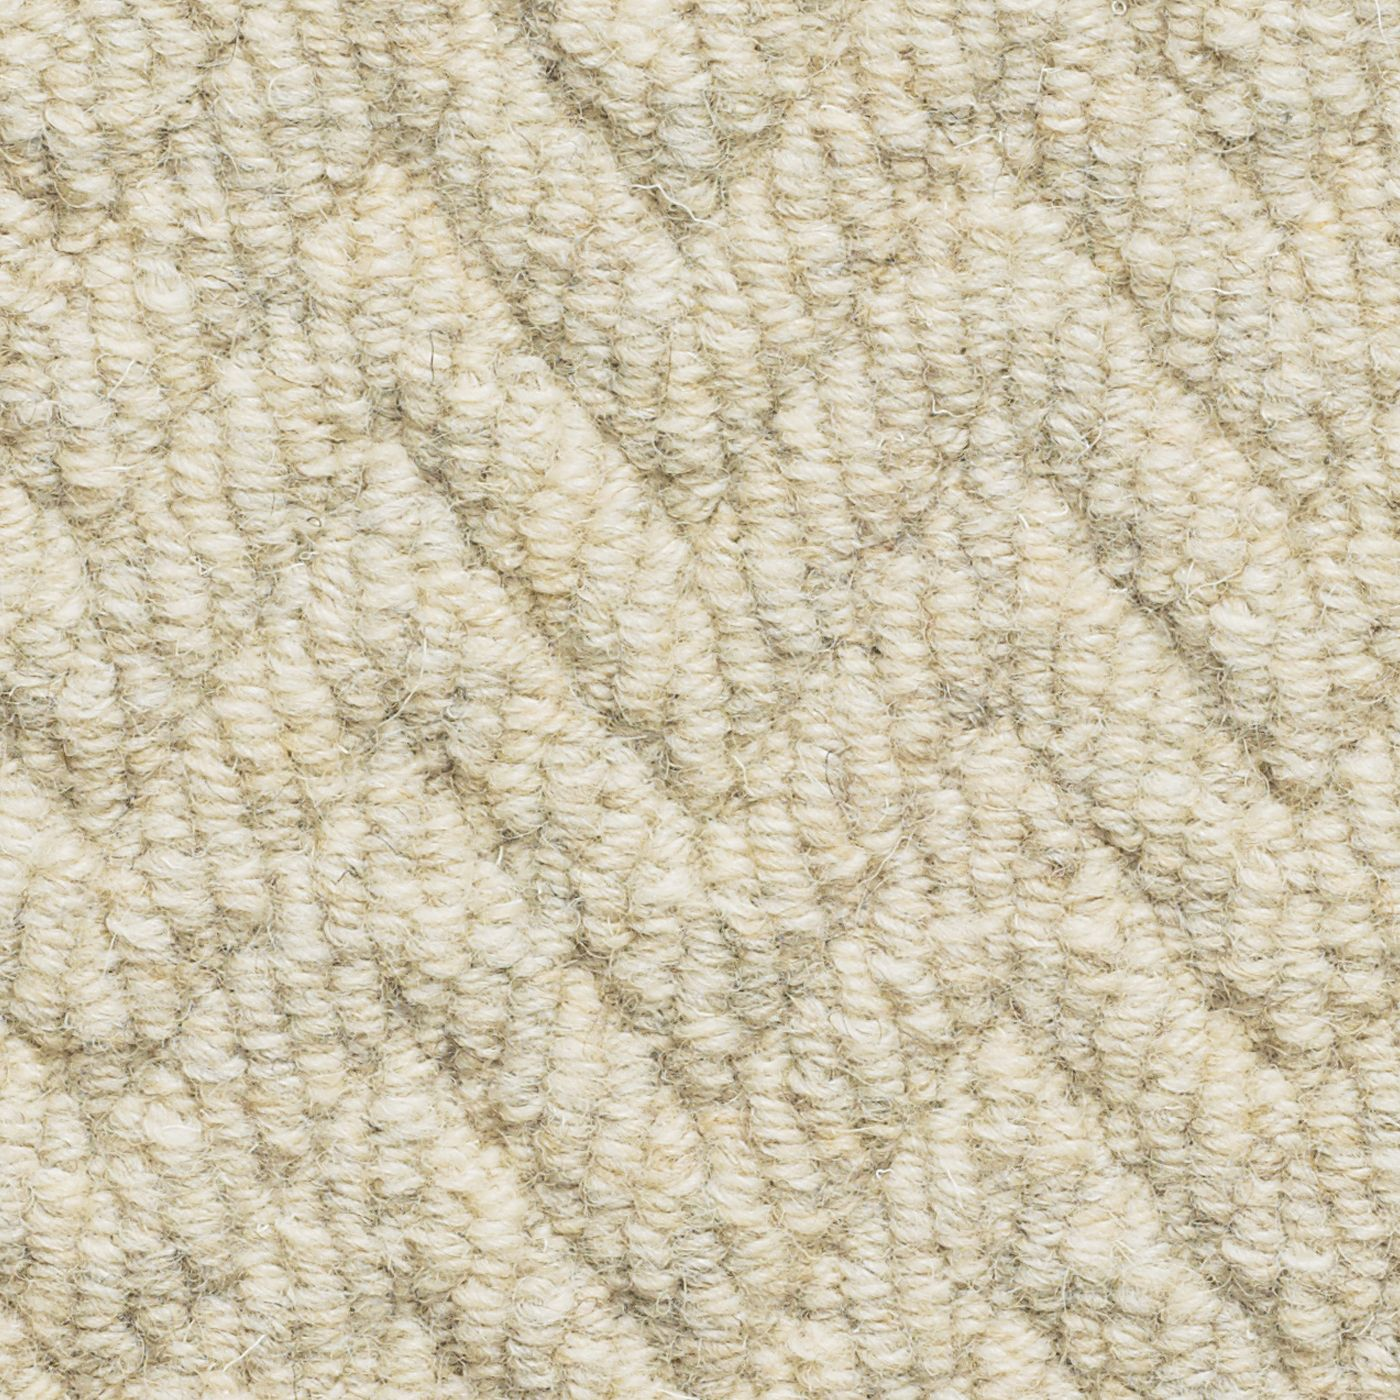 Cosy Textured Wool Rug: Brockway Carpets Natural Tweed